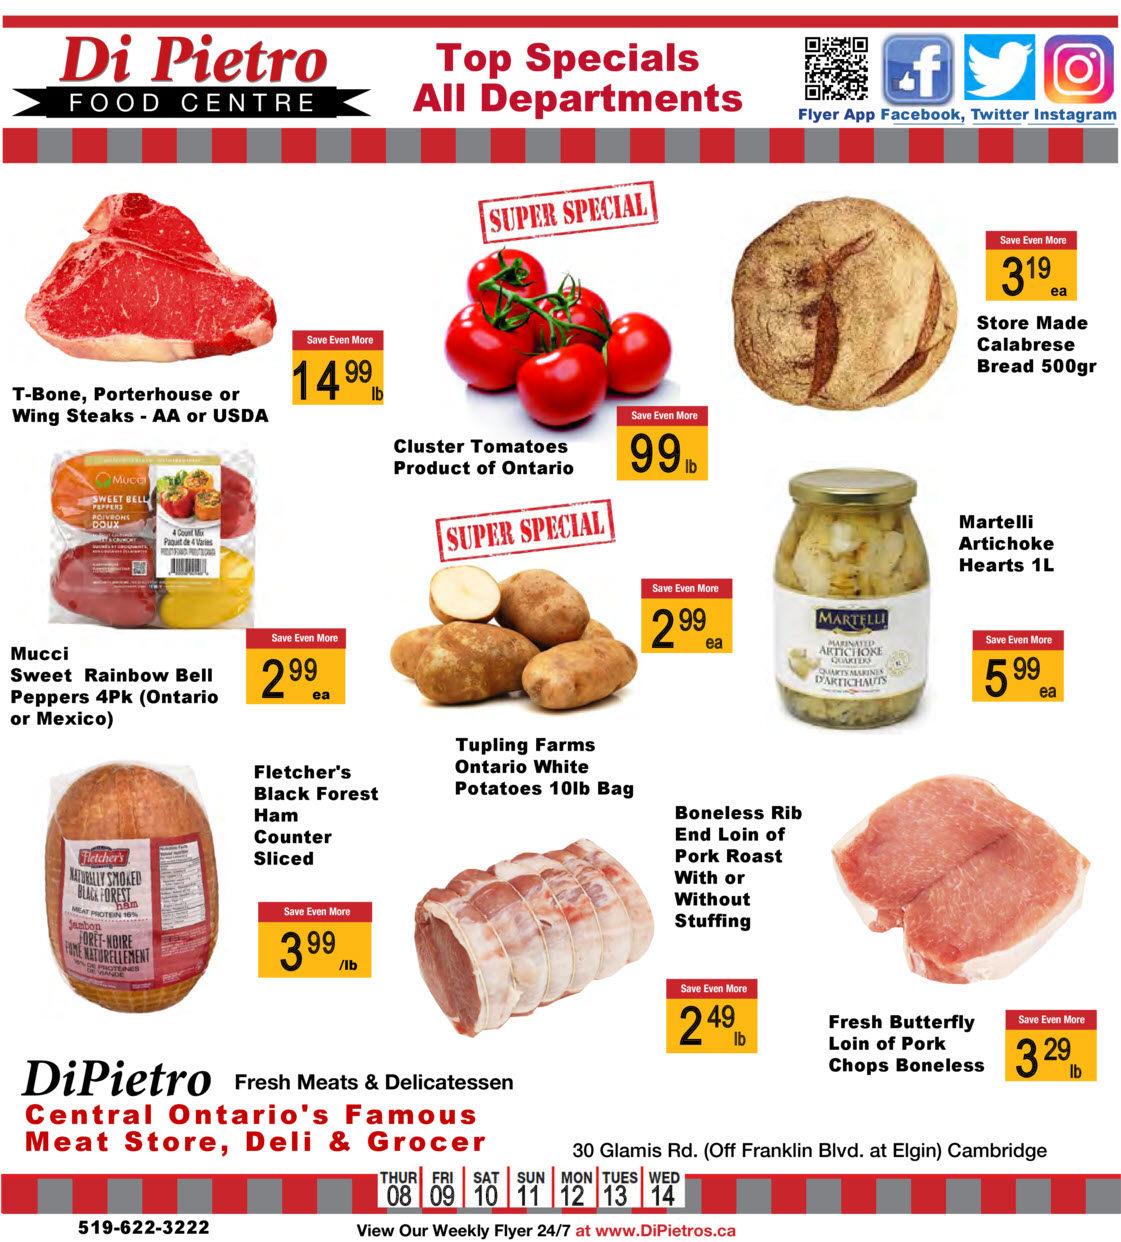 DiPietro - Weekly Flyer Specials